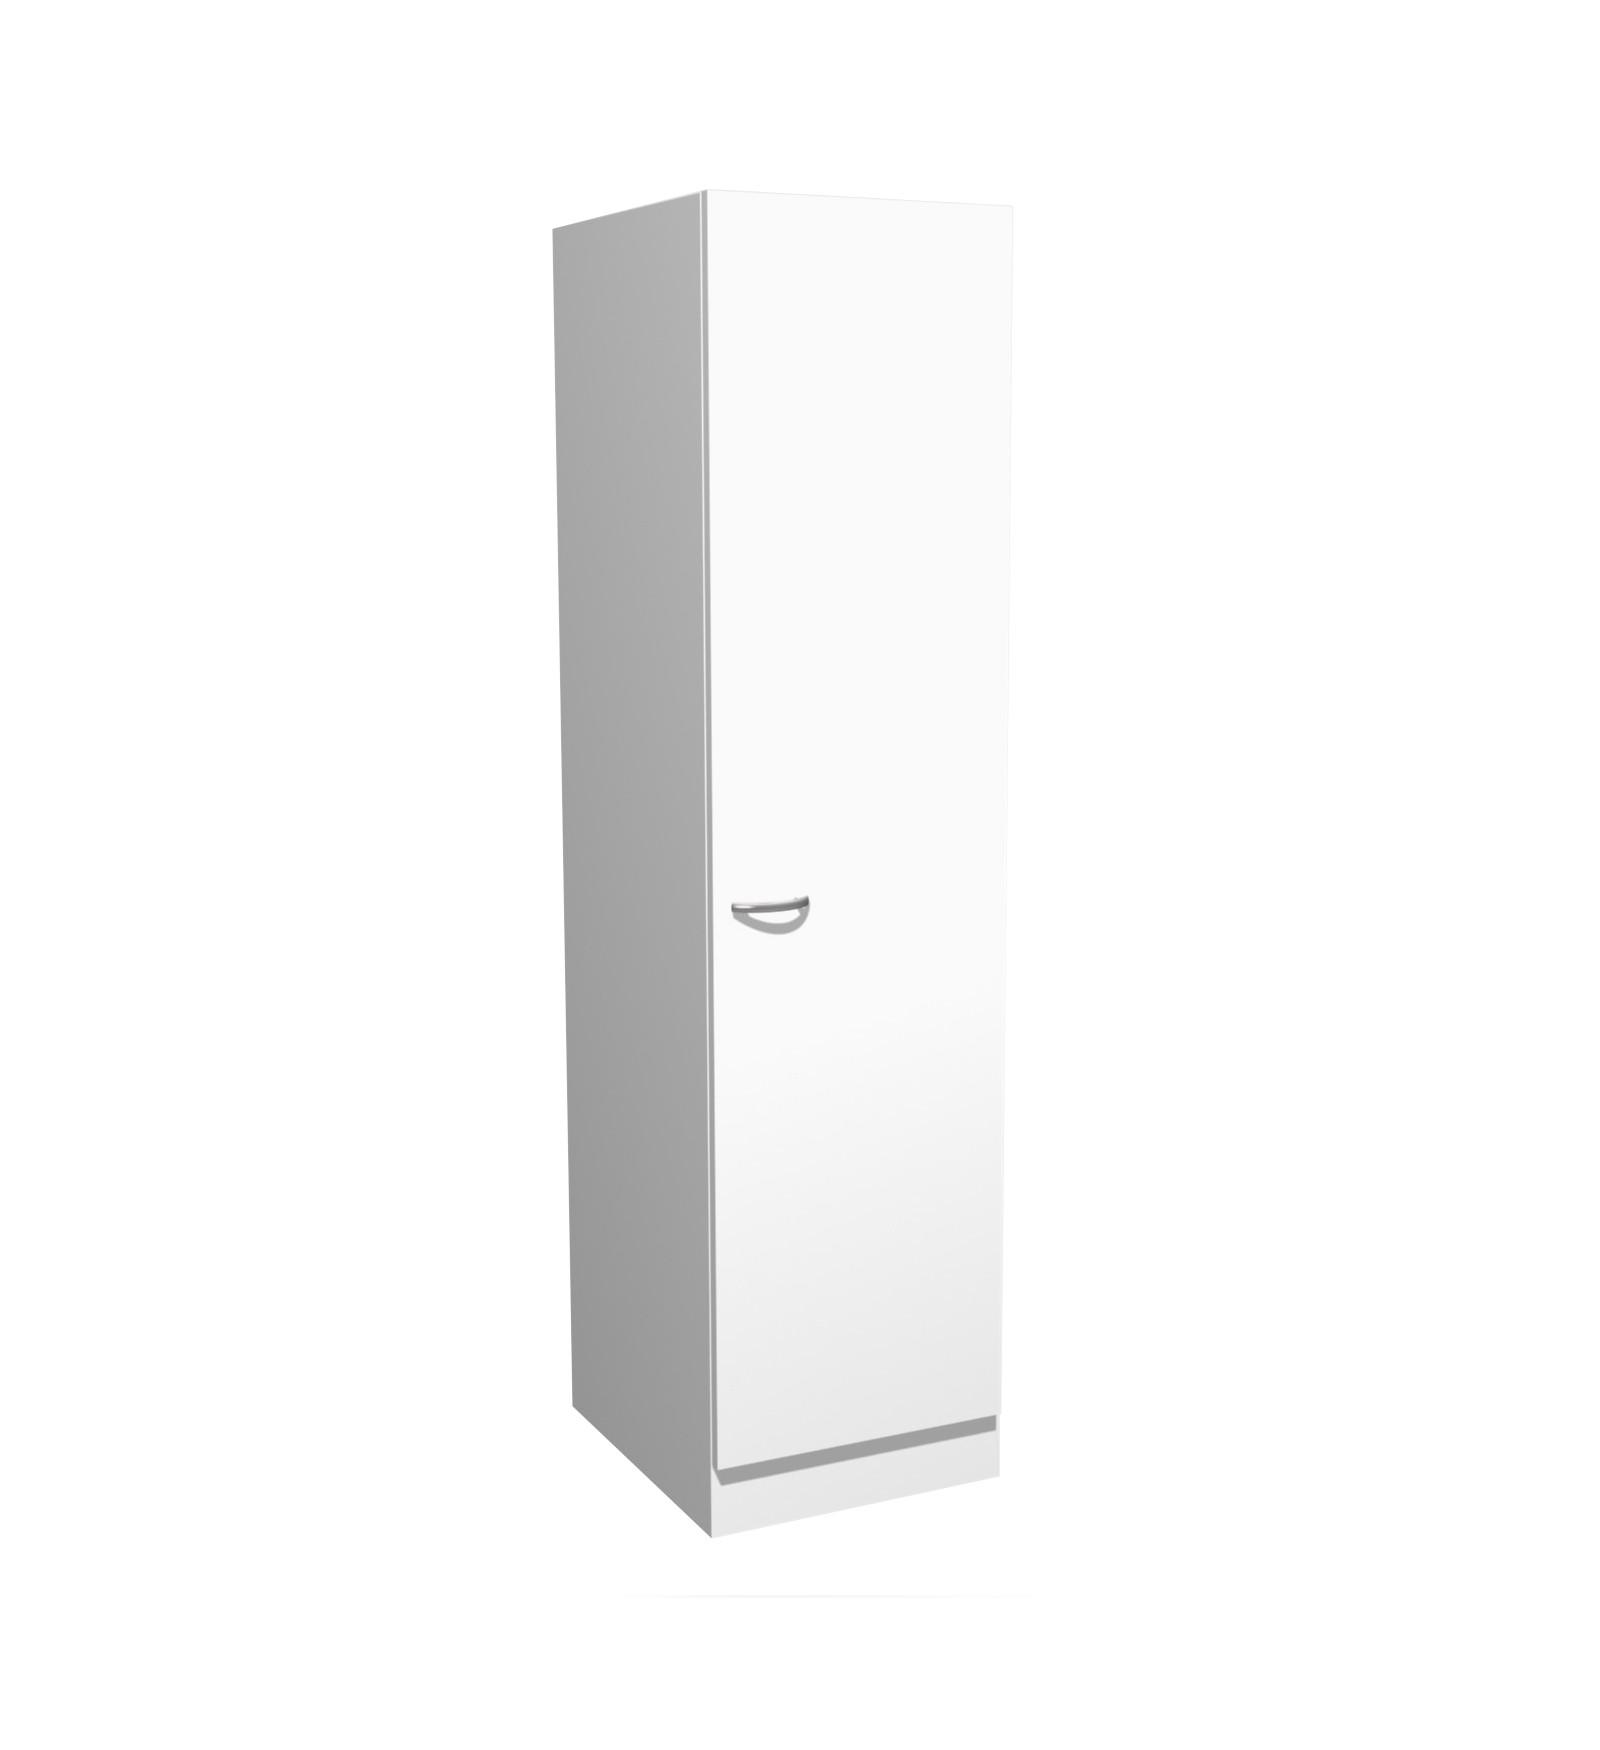 Ikea Küchen Hochschrank 30 Cm Breit | Hochschrank 20 Cm Breit